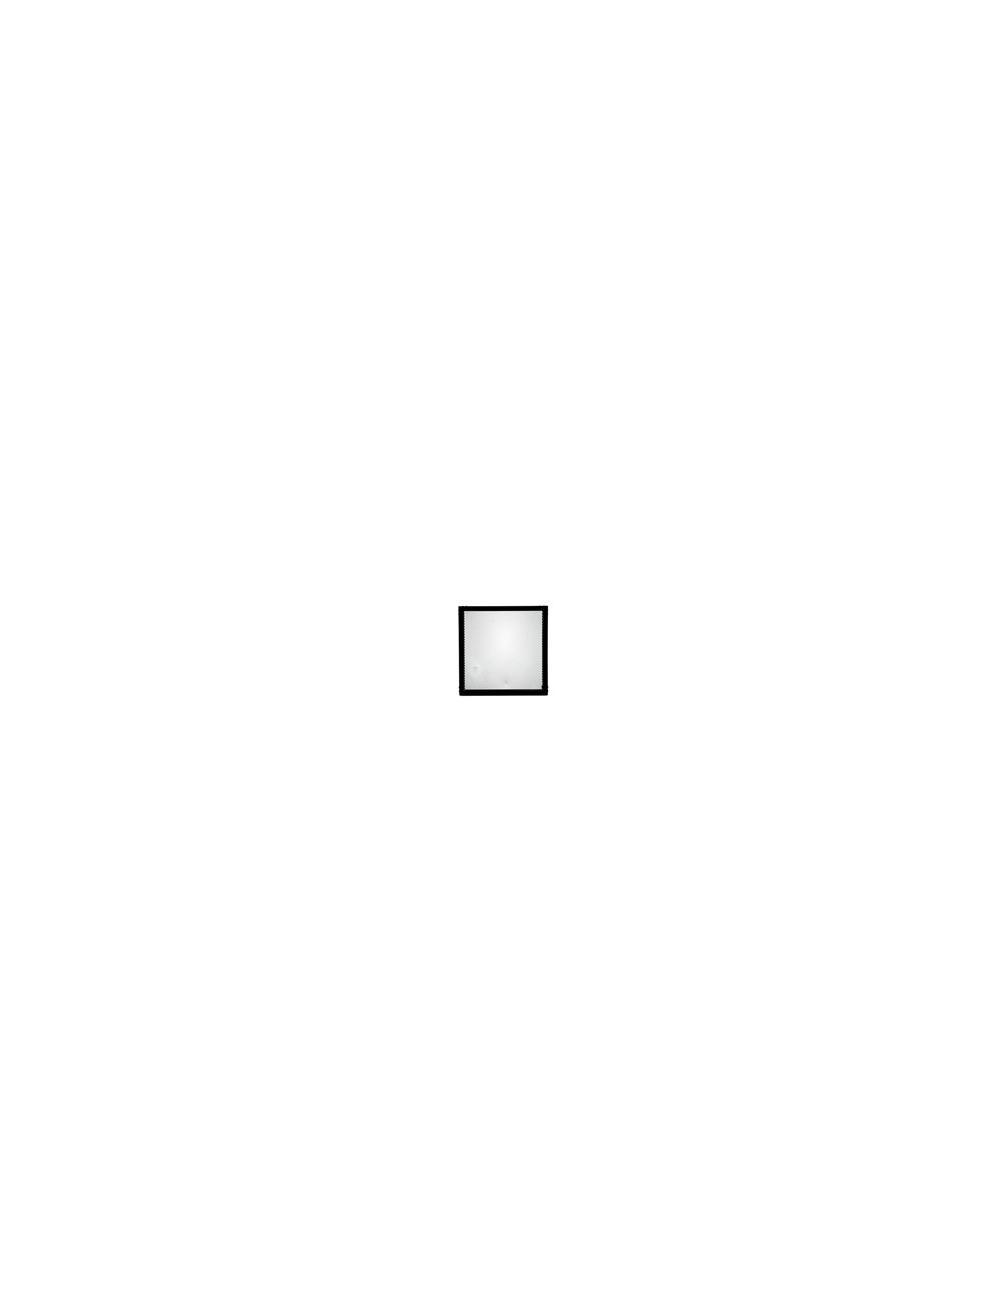 Litepanels - 1x1 Honeycomb Grid - 30 Degree